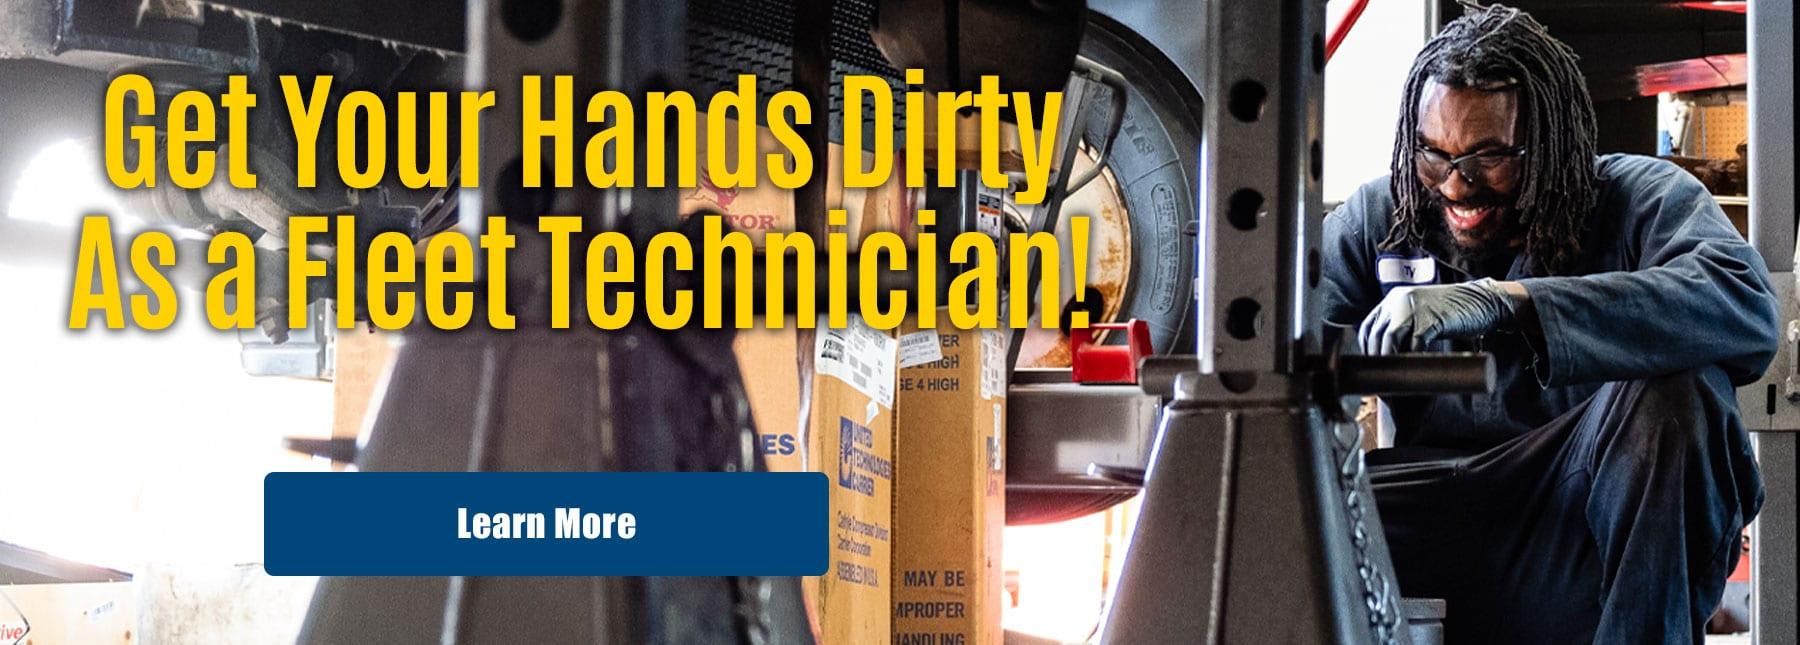 Slide Fleet Technician 1800x645